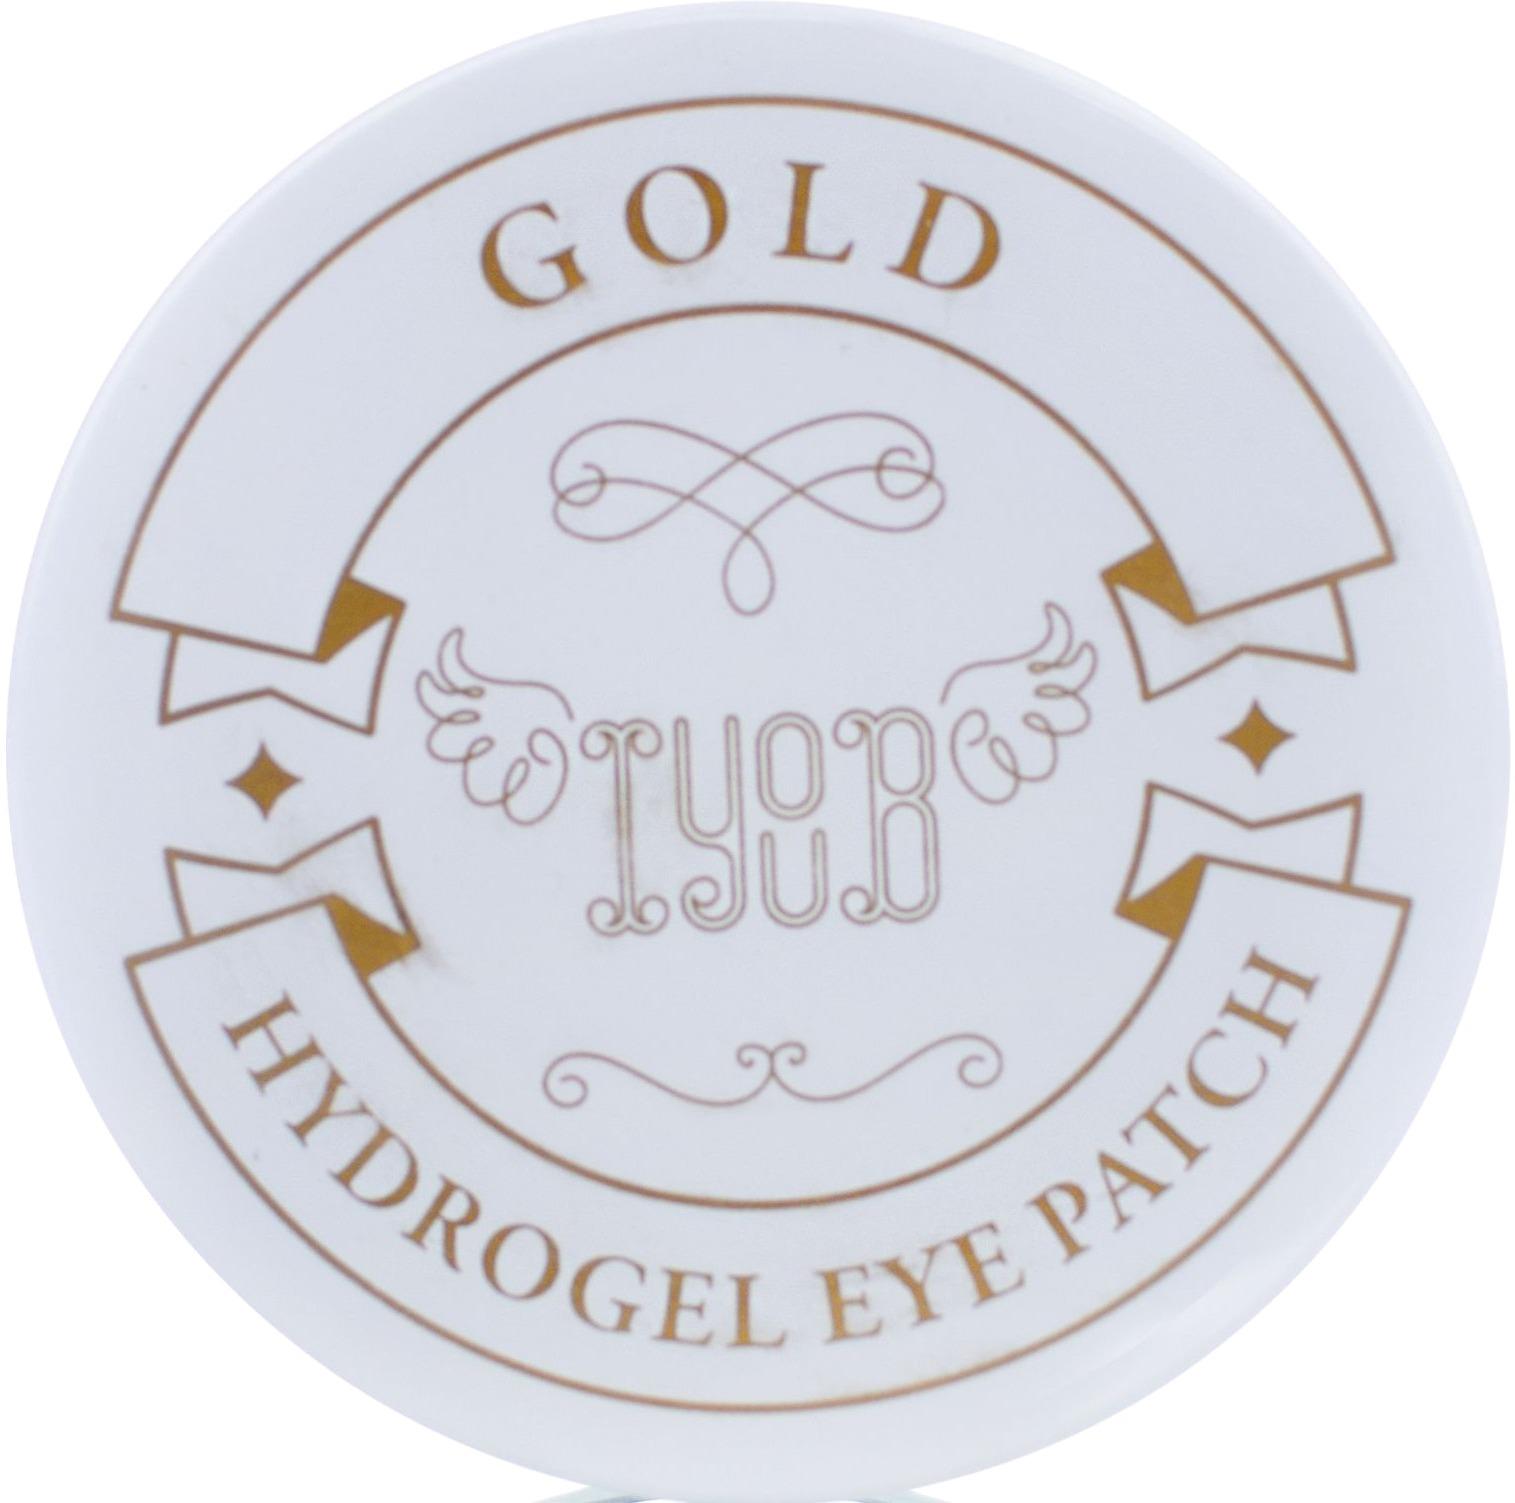 Купить Iyoub Hydrogel Eye Patch Gold